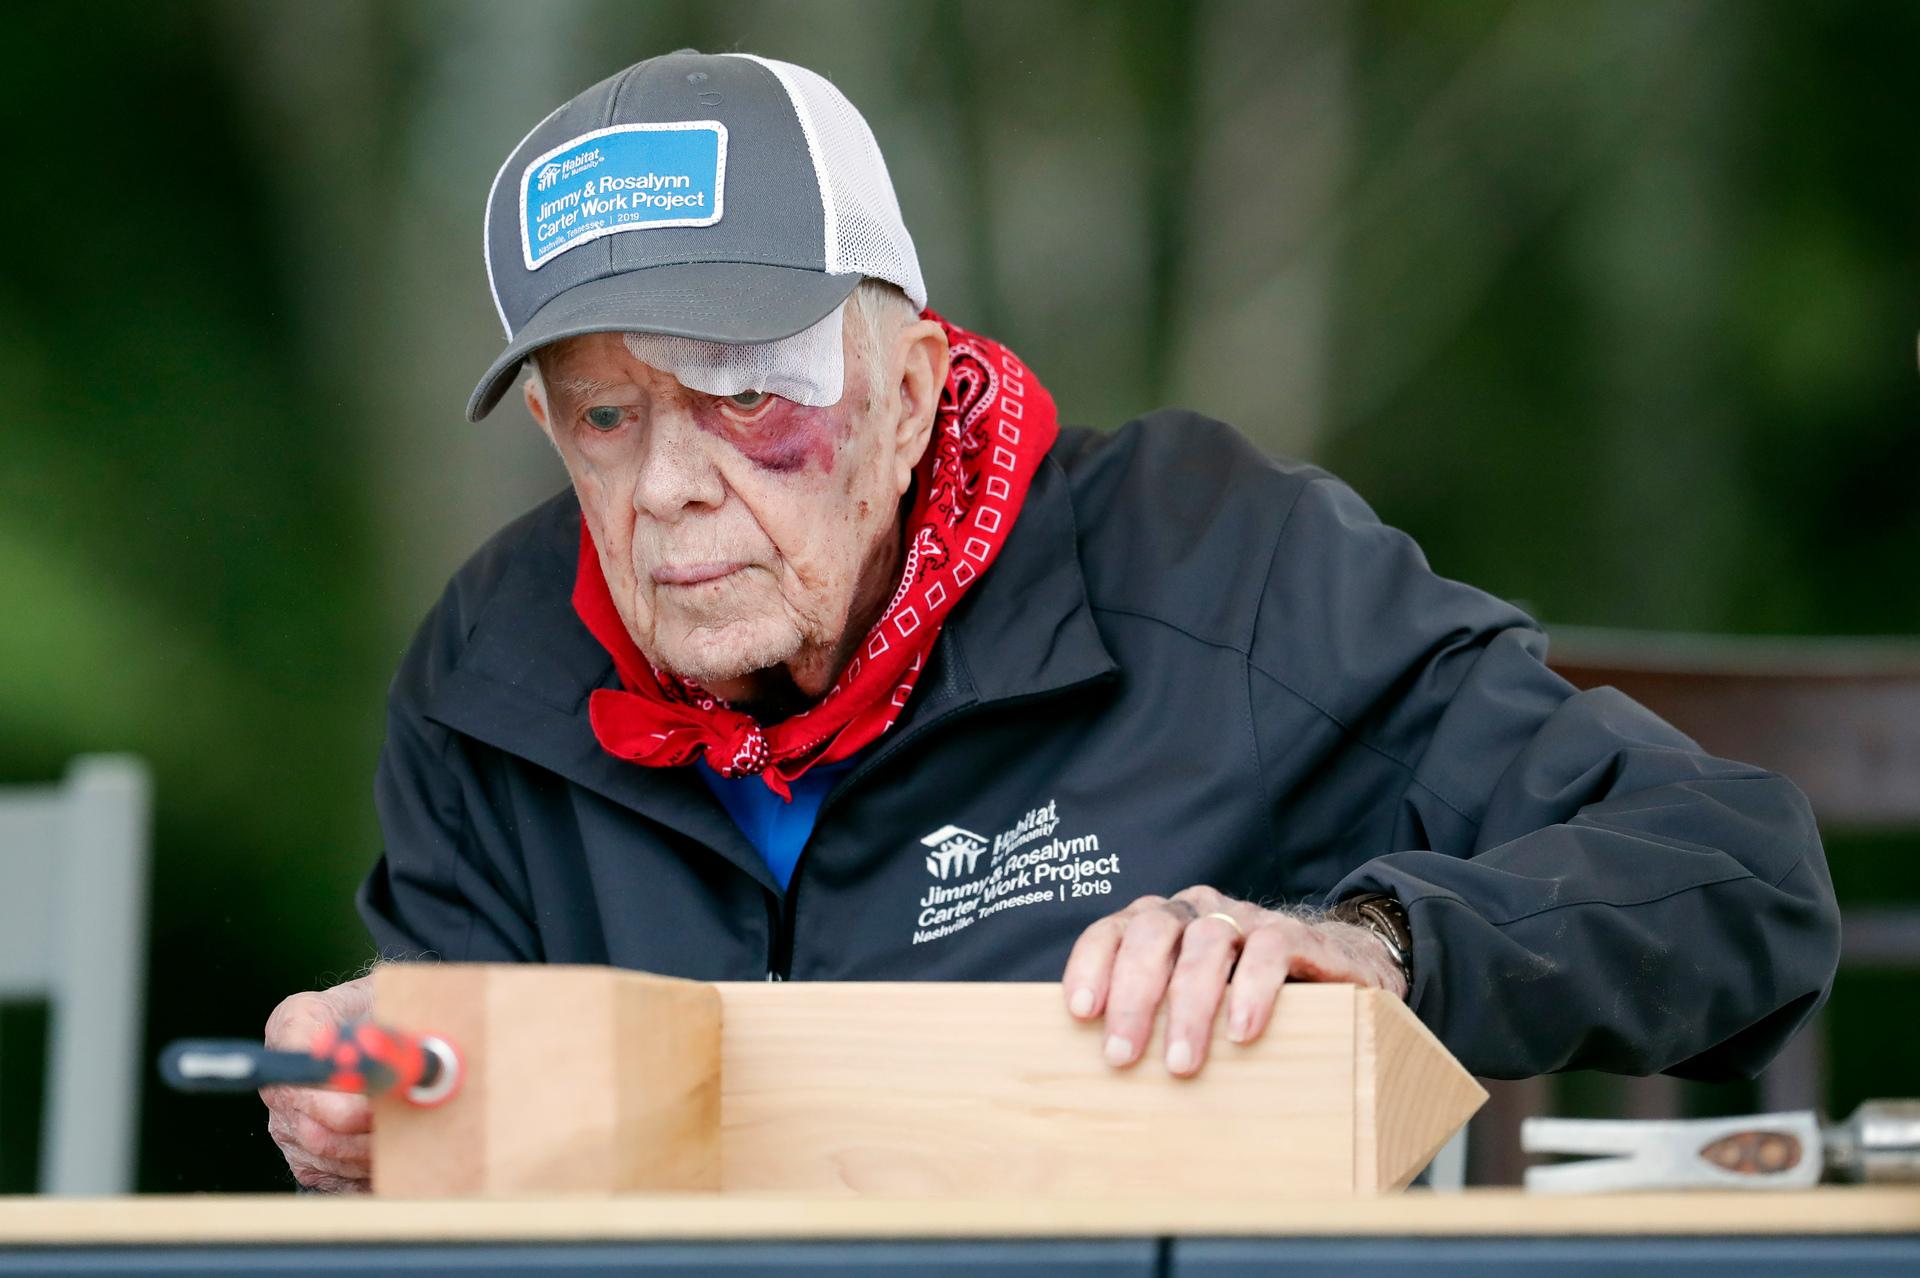 Former President Carter, 95, still helping community after fall